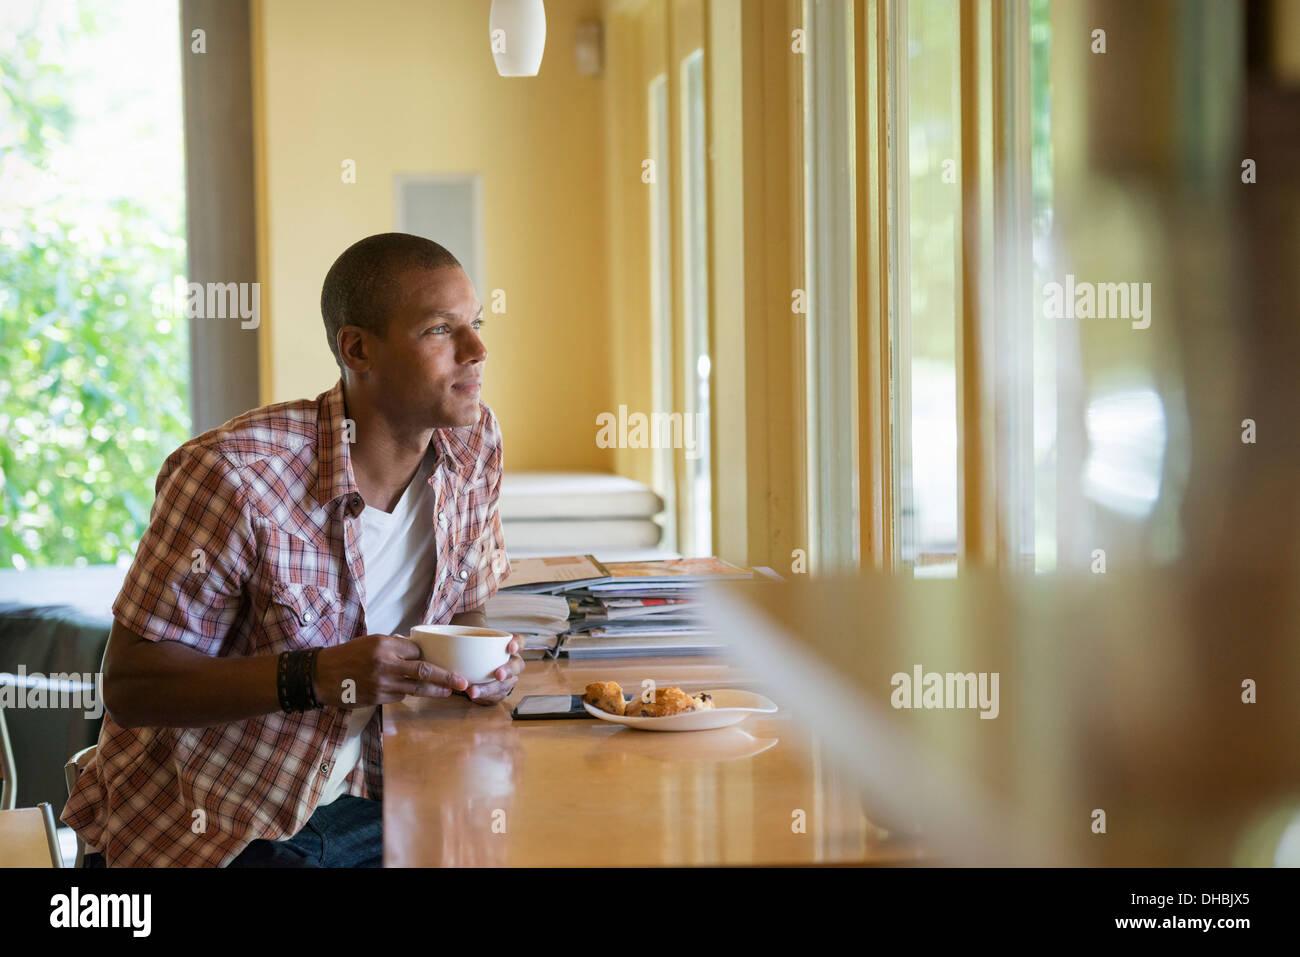 Un homme assis avec une tasse de café, tenant une tablette numérique. Photo Stock